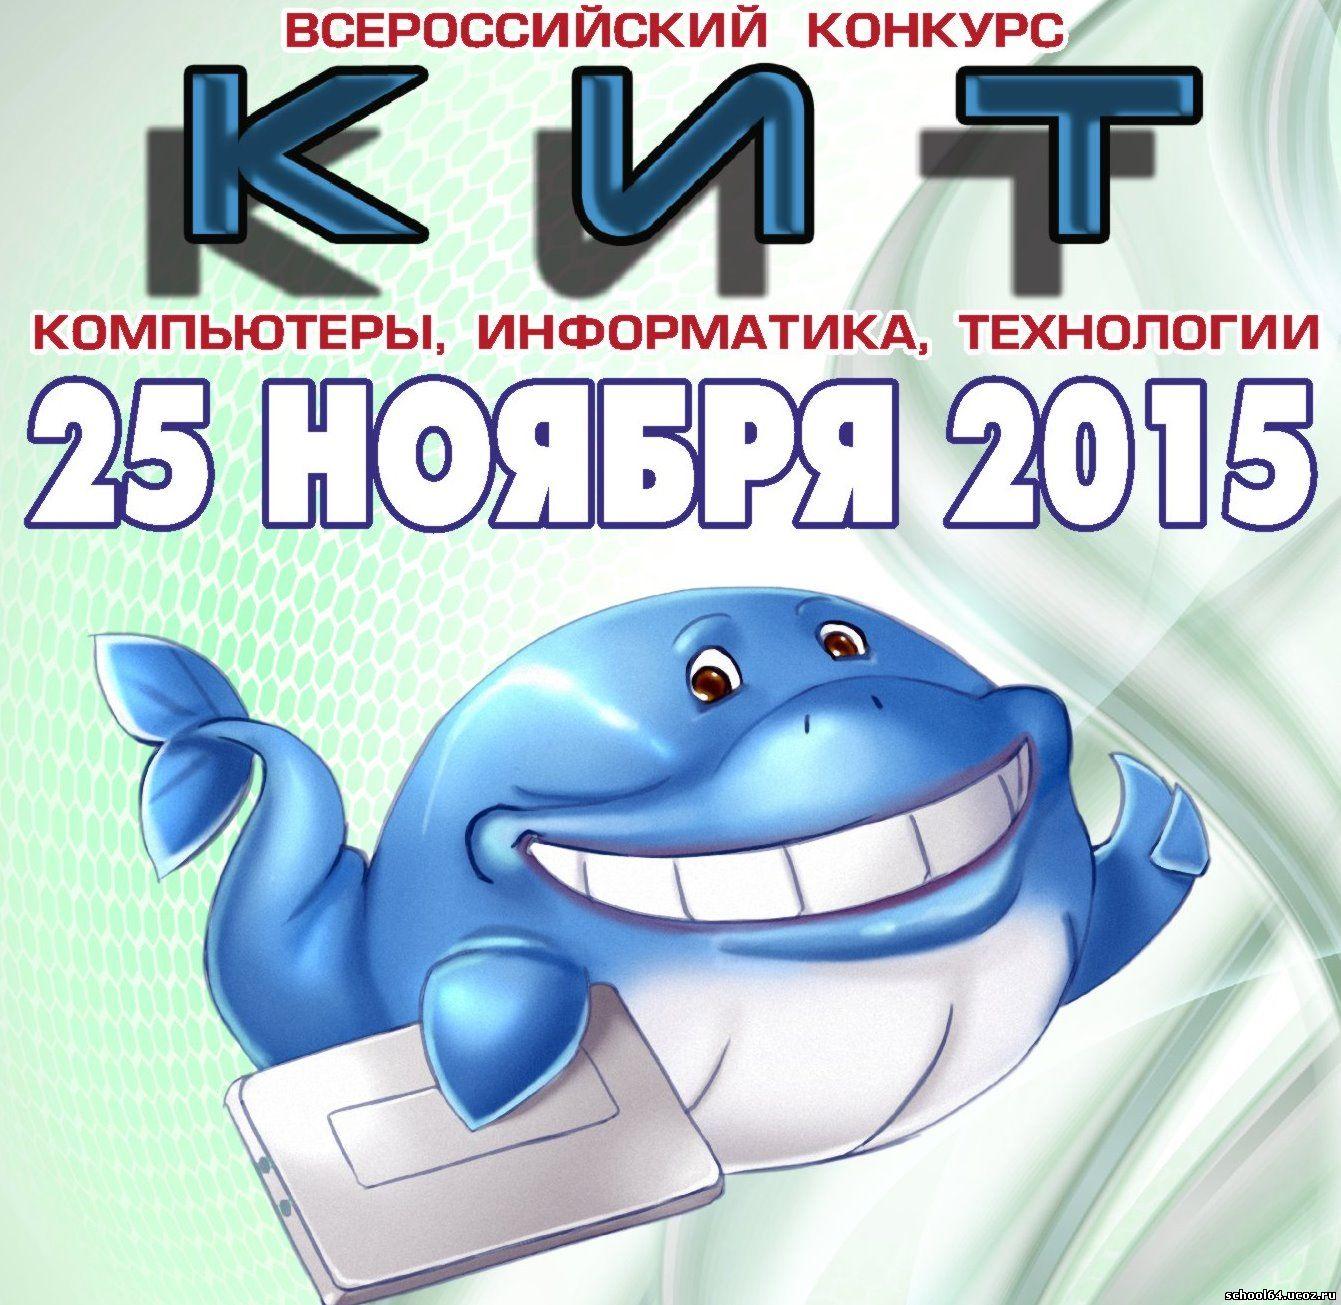 всероссийский конкурс кит ответы 2016